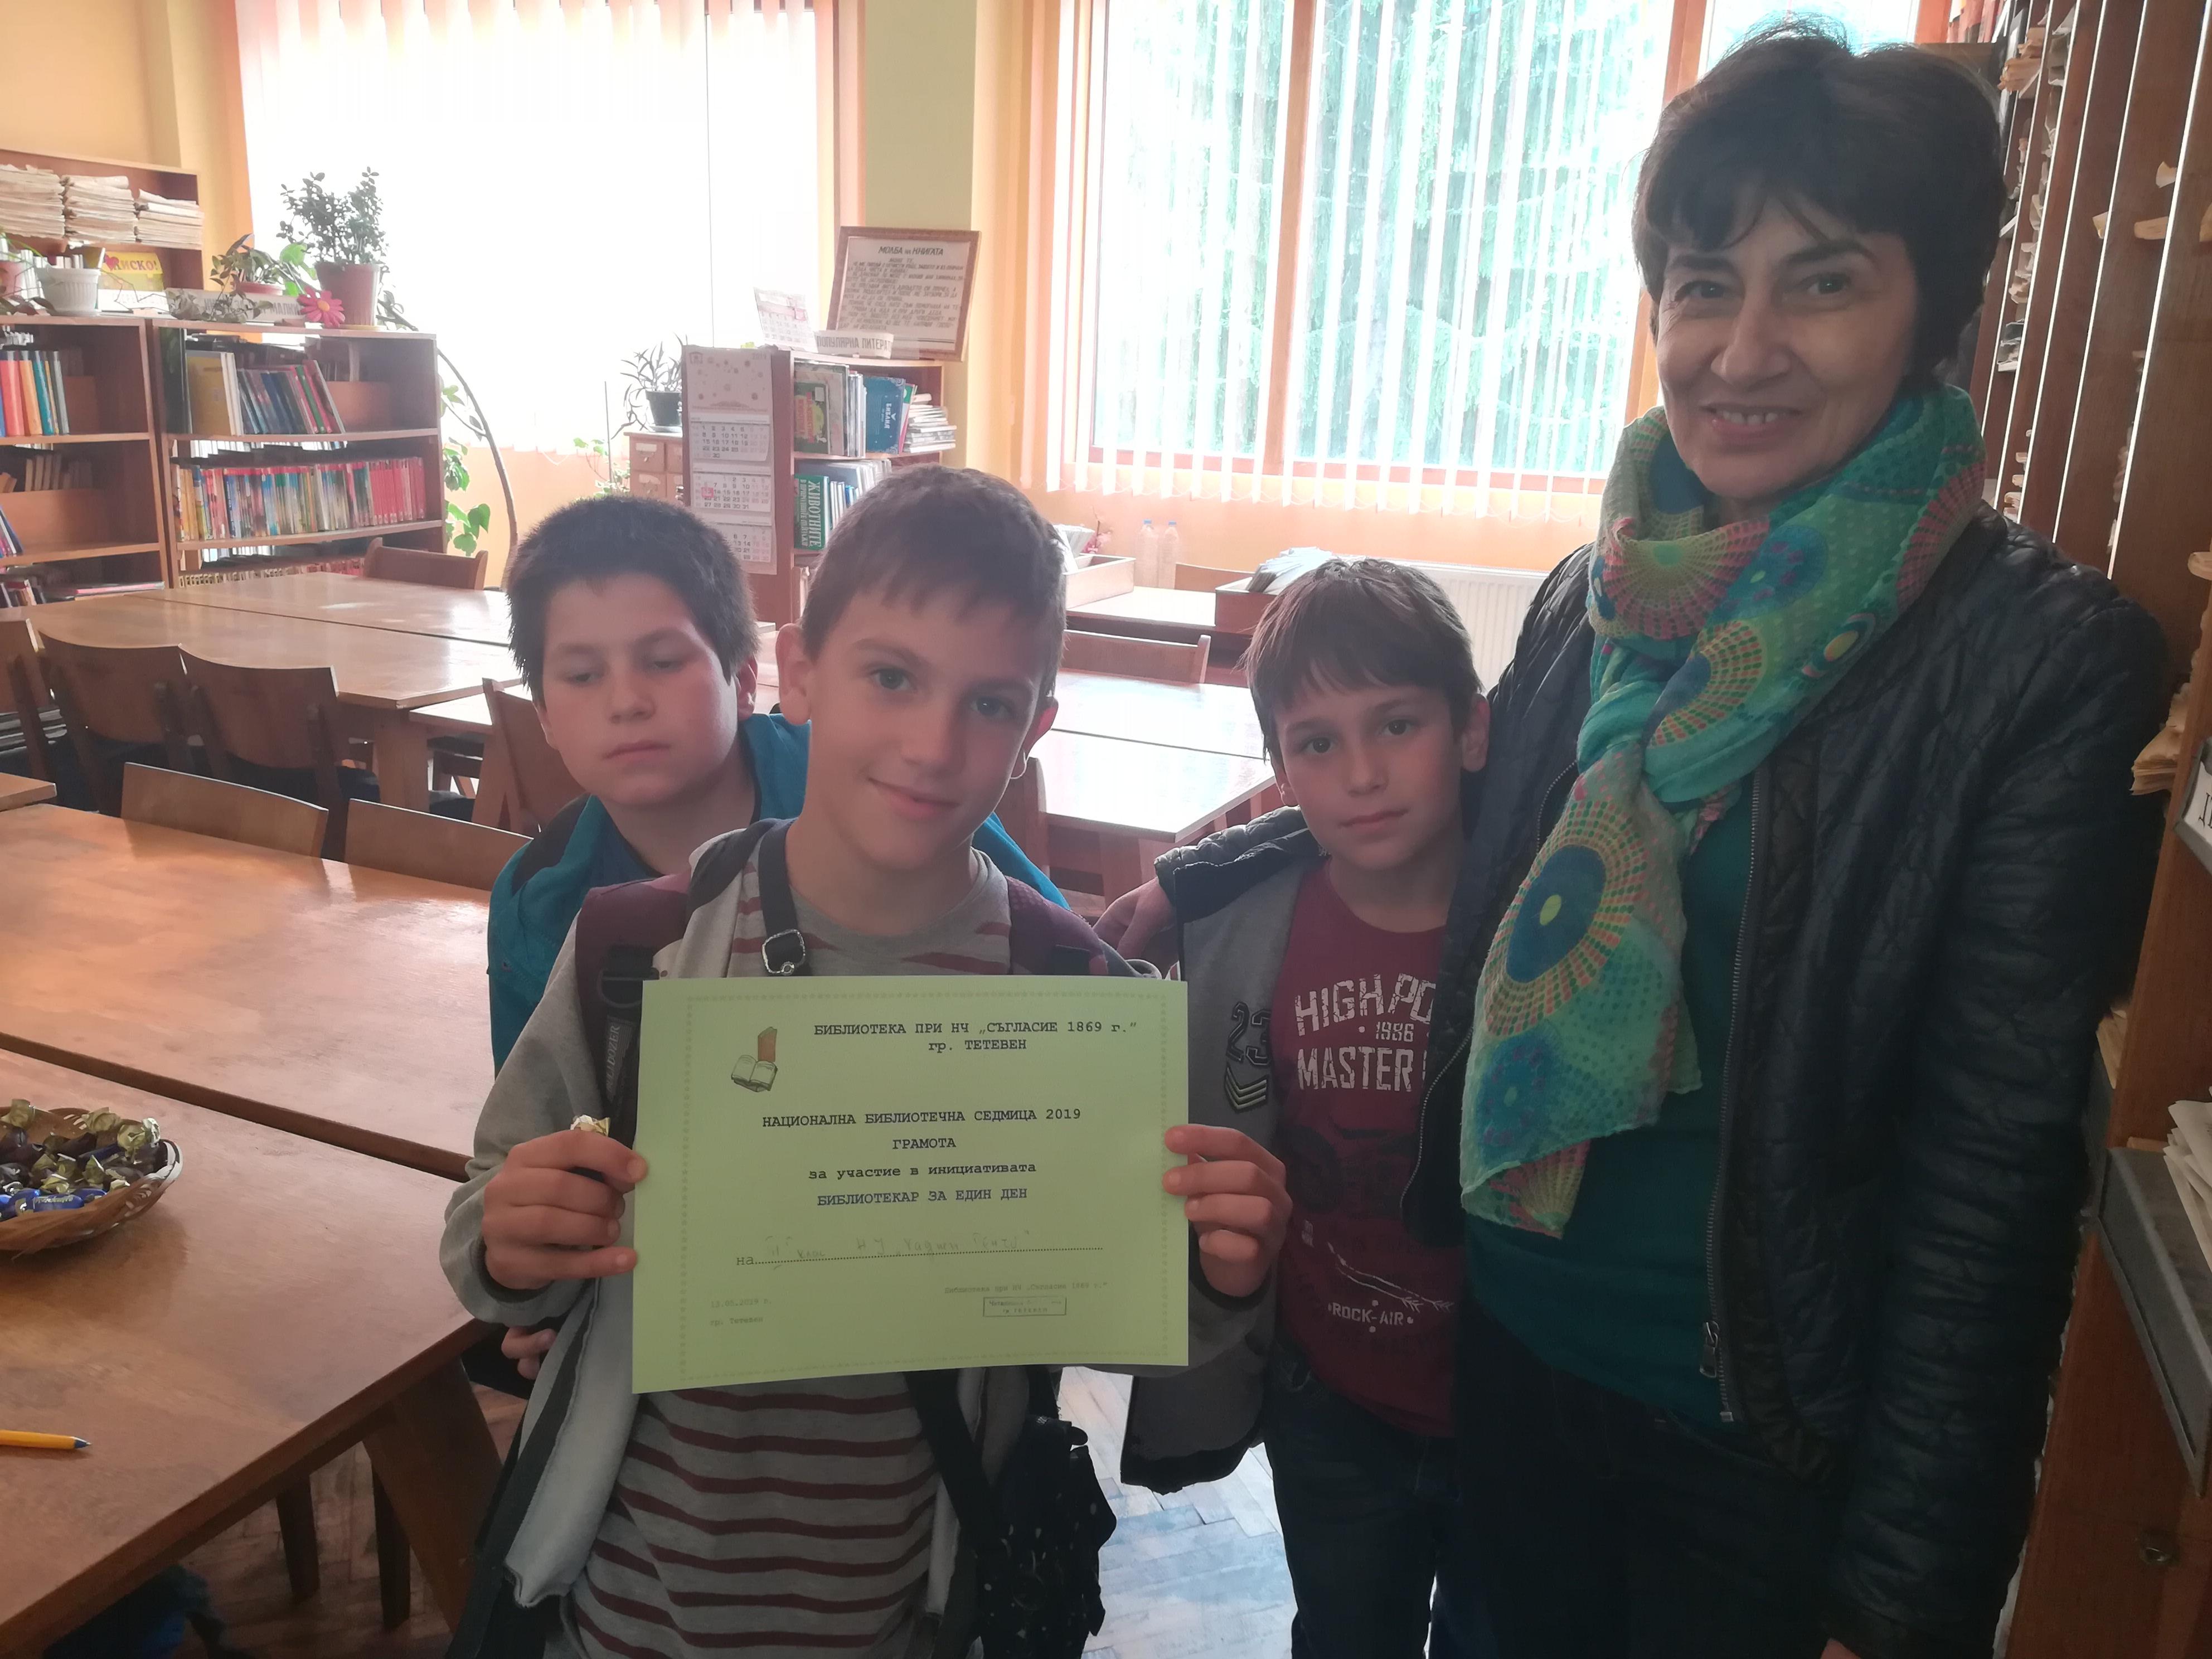 """Представители на III г клас на НУ """"Хаджи Генчо"""" също се включиха в инициативата Библиотекар за един ден."""